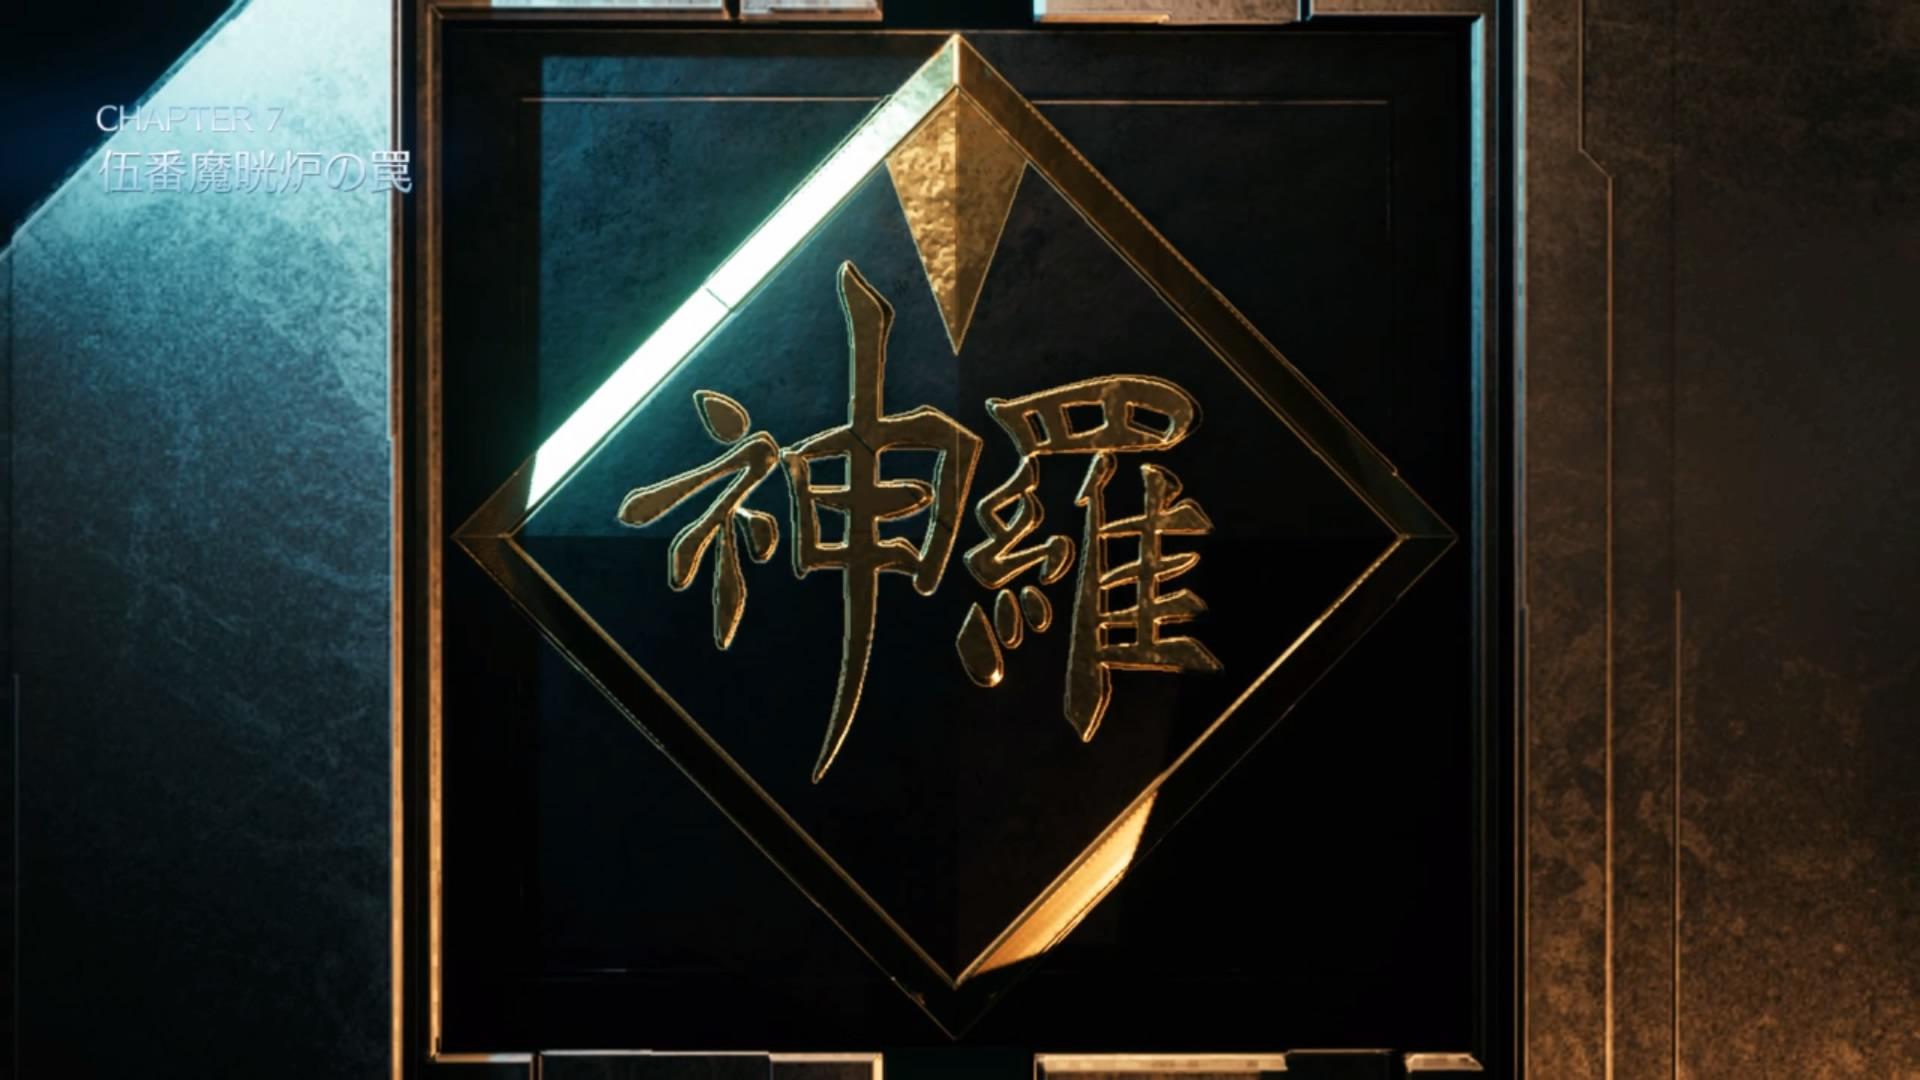 【FF7R】伍番魔晄炉~エアバスター撃破まで【プレイ日記その7】